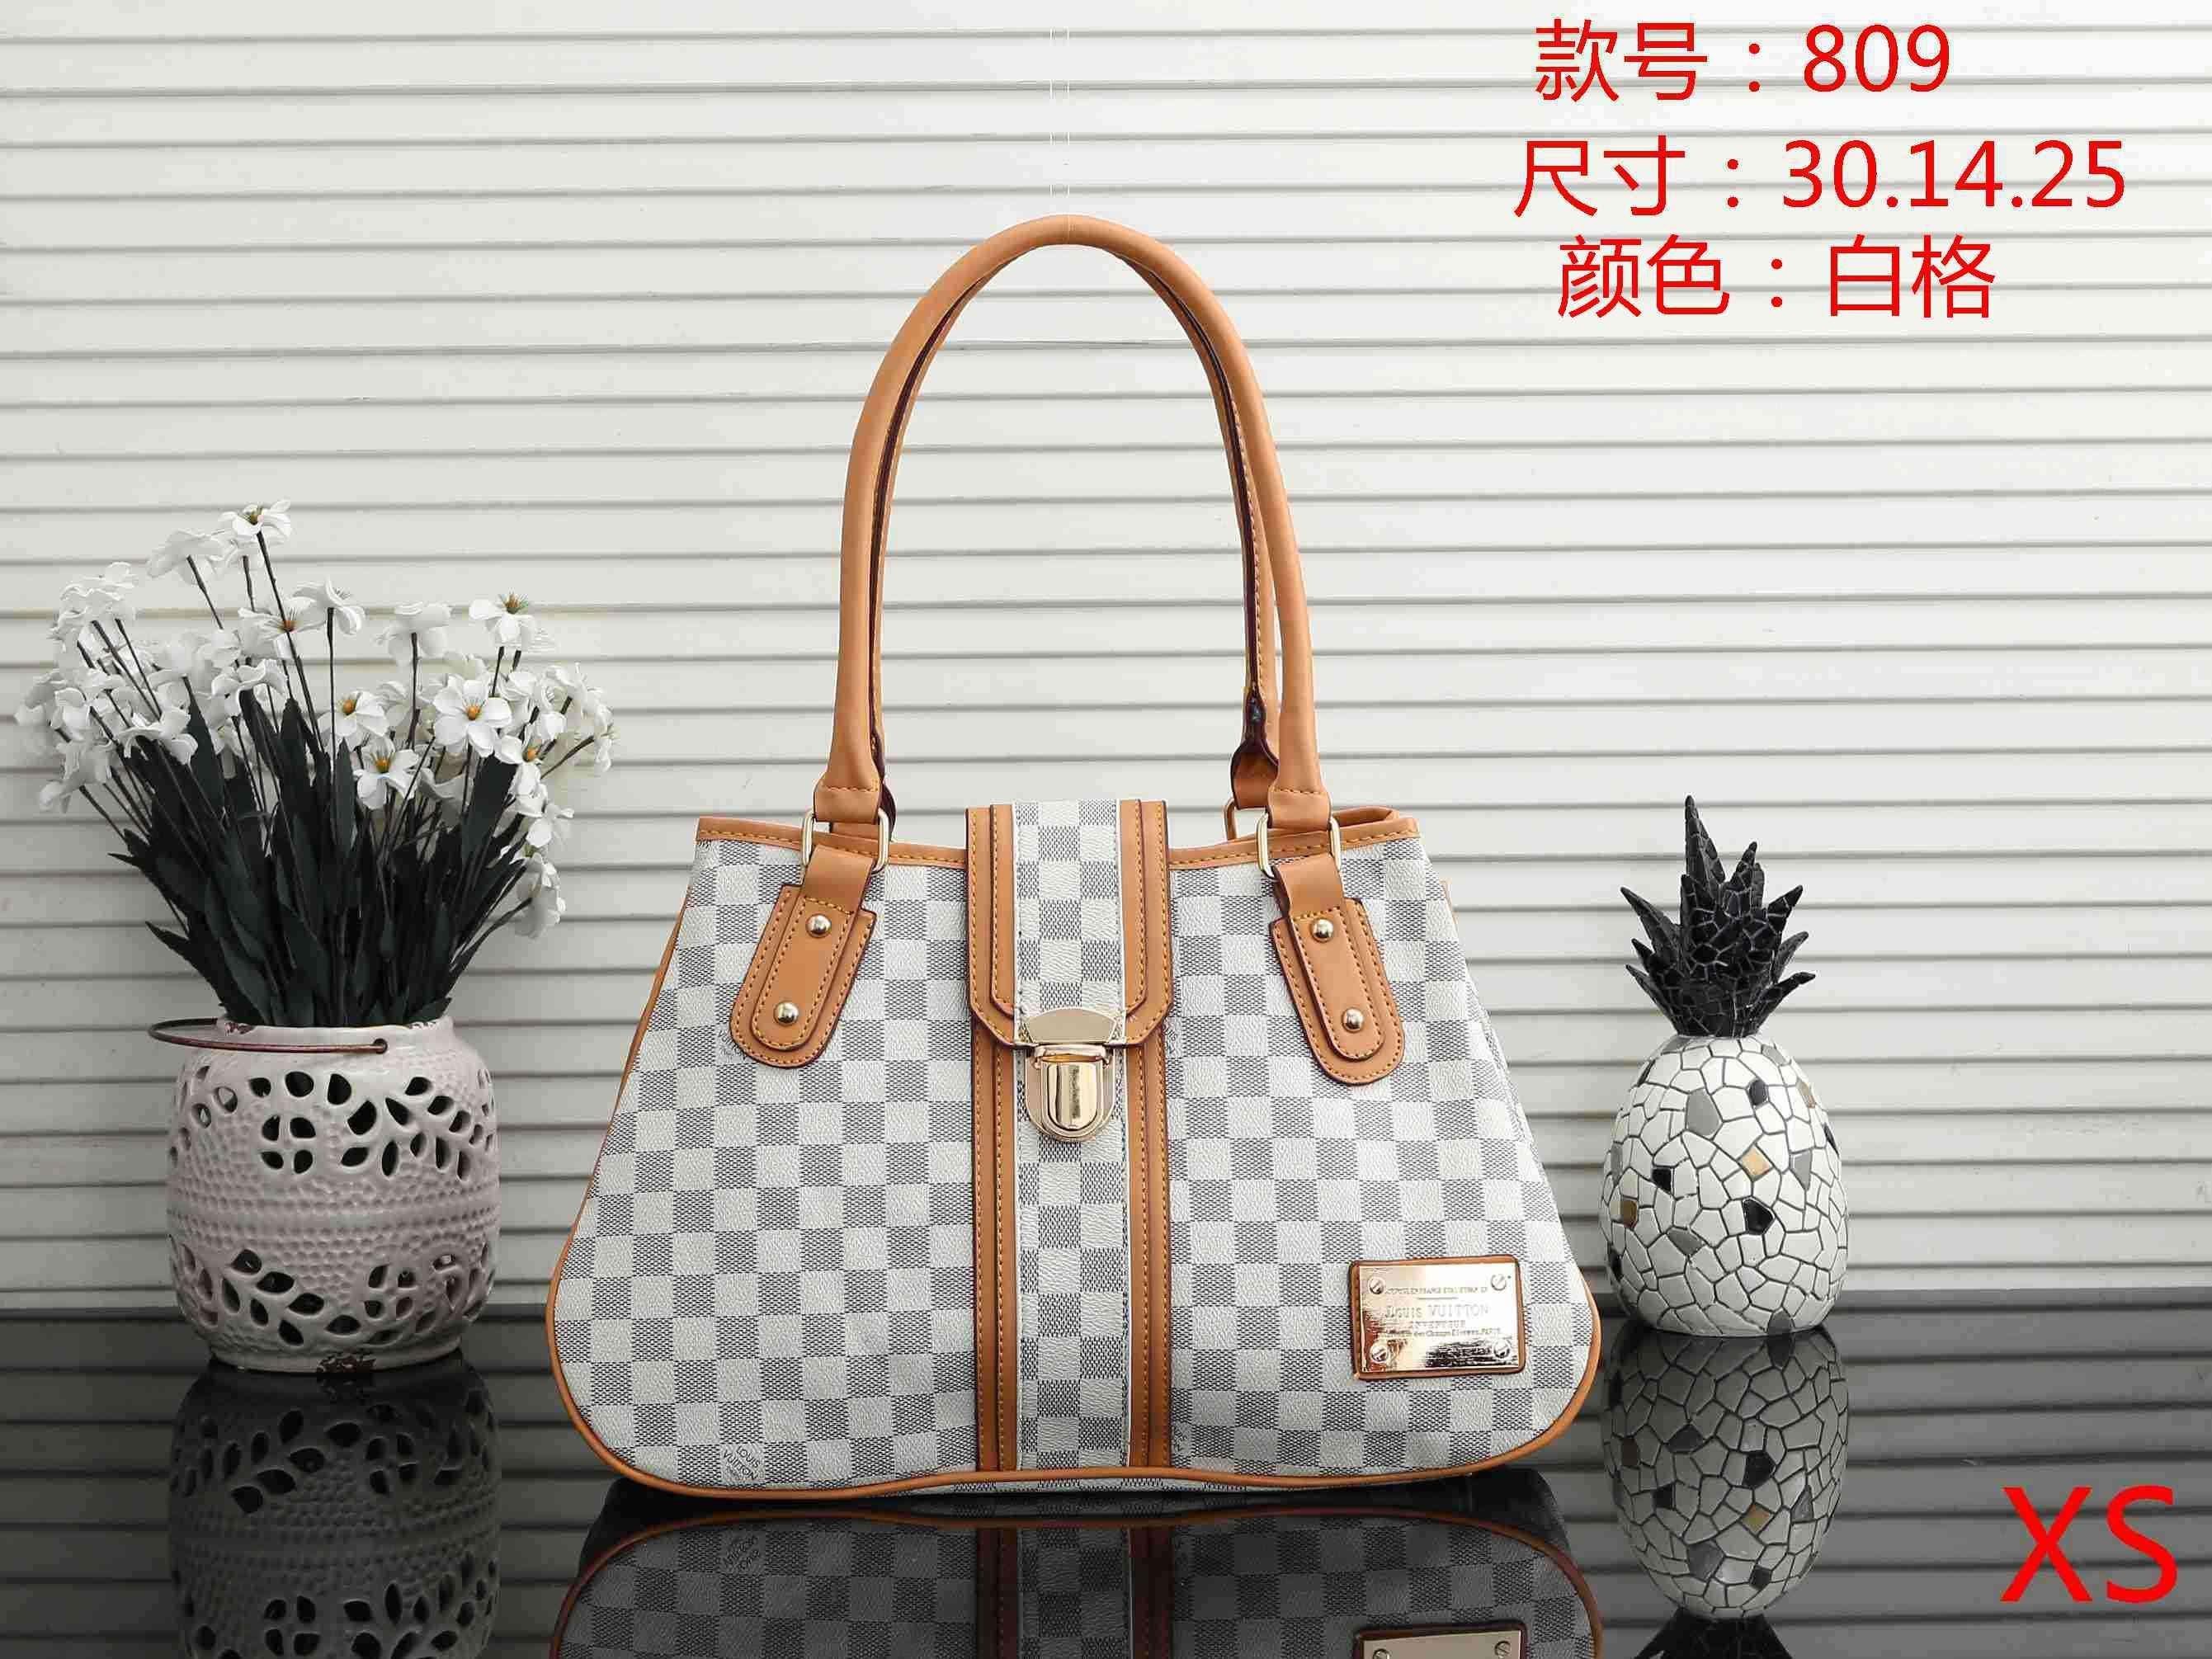 De lujo bolsos de los bolsos de las mujeres bolsos de diseño de alta calidad Mujer Purses16666666666 Bolsa de hombro niñas de piel de mujer